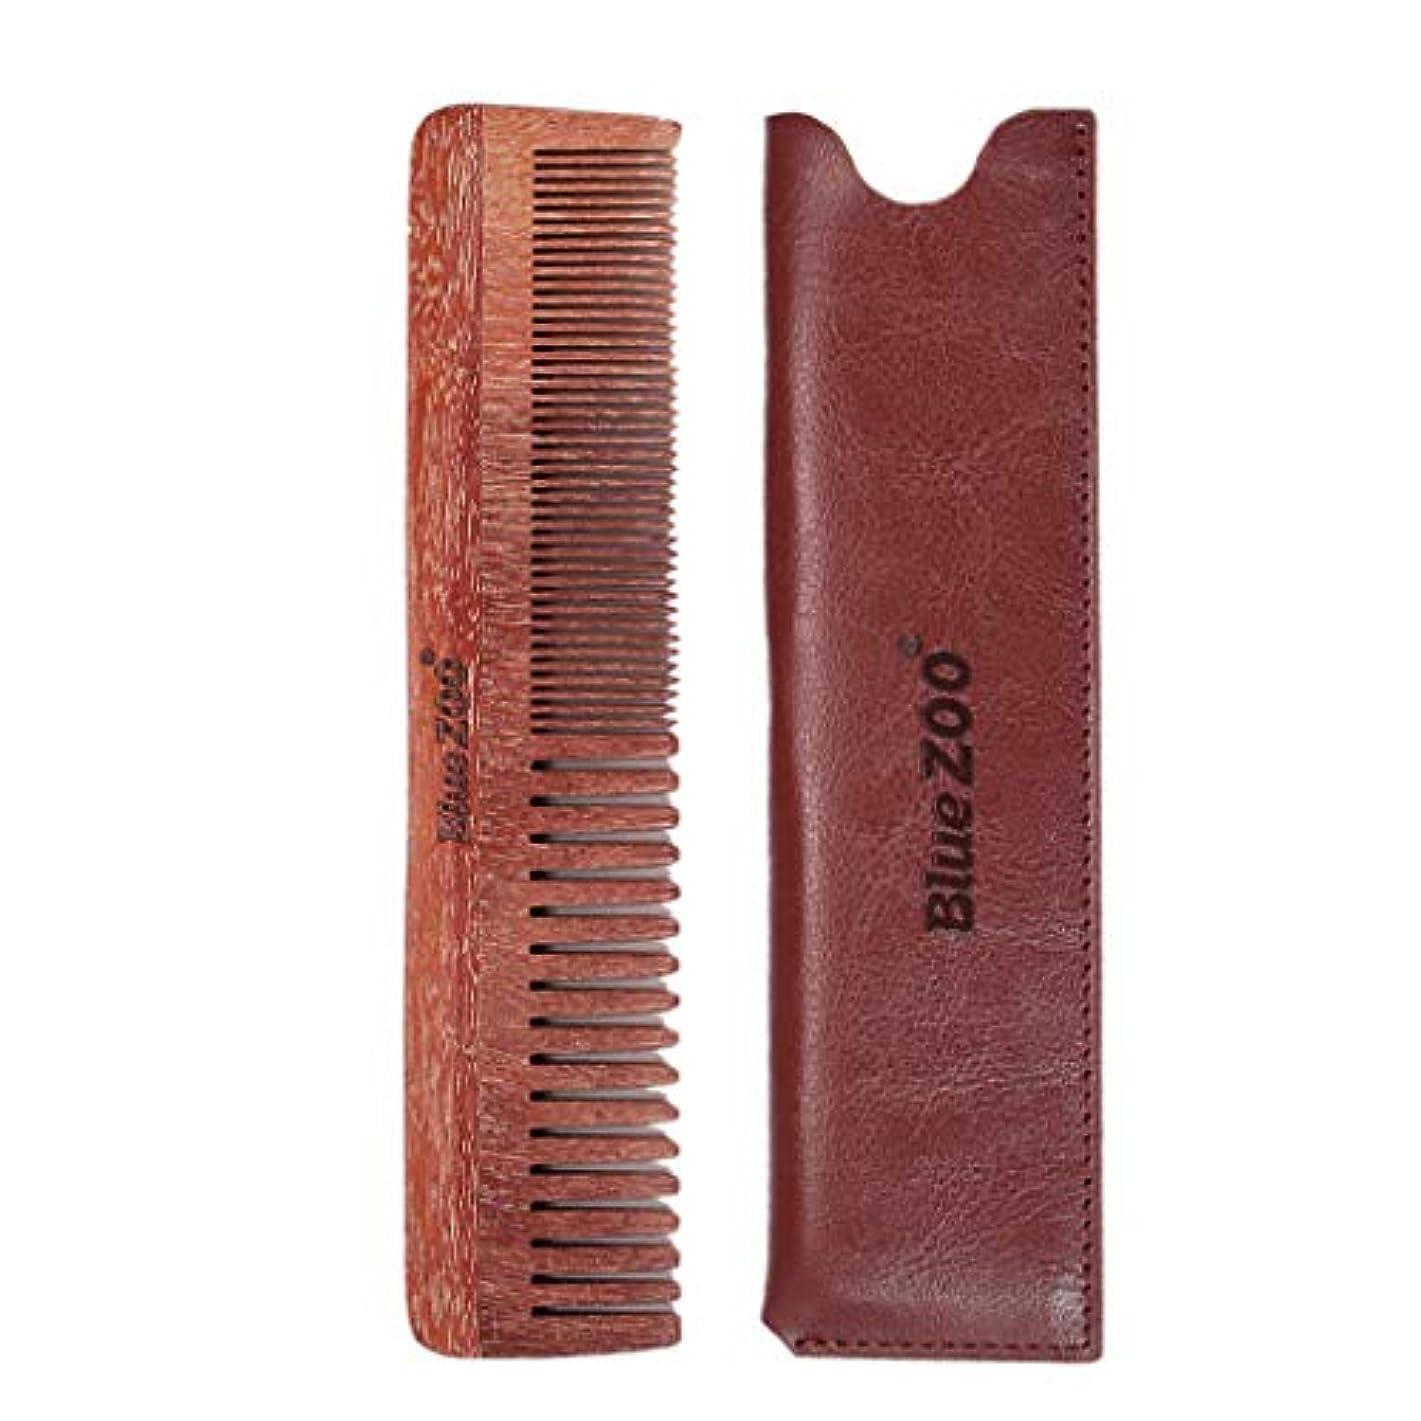 学校残忍な宿題をするB Baosity ウッドコーム 口ひげ櫛 ダブルサイド メンズ プレゼント 2色選べ - 褐色